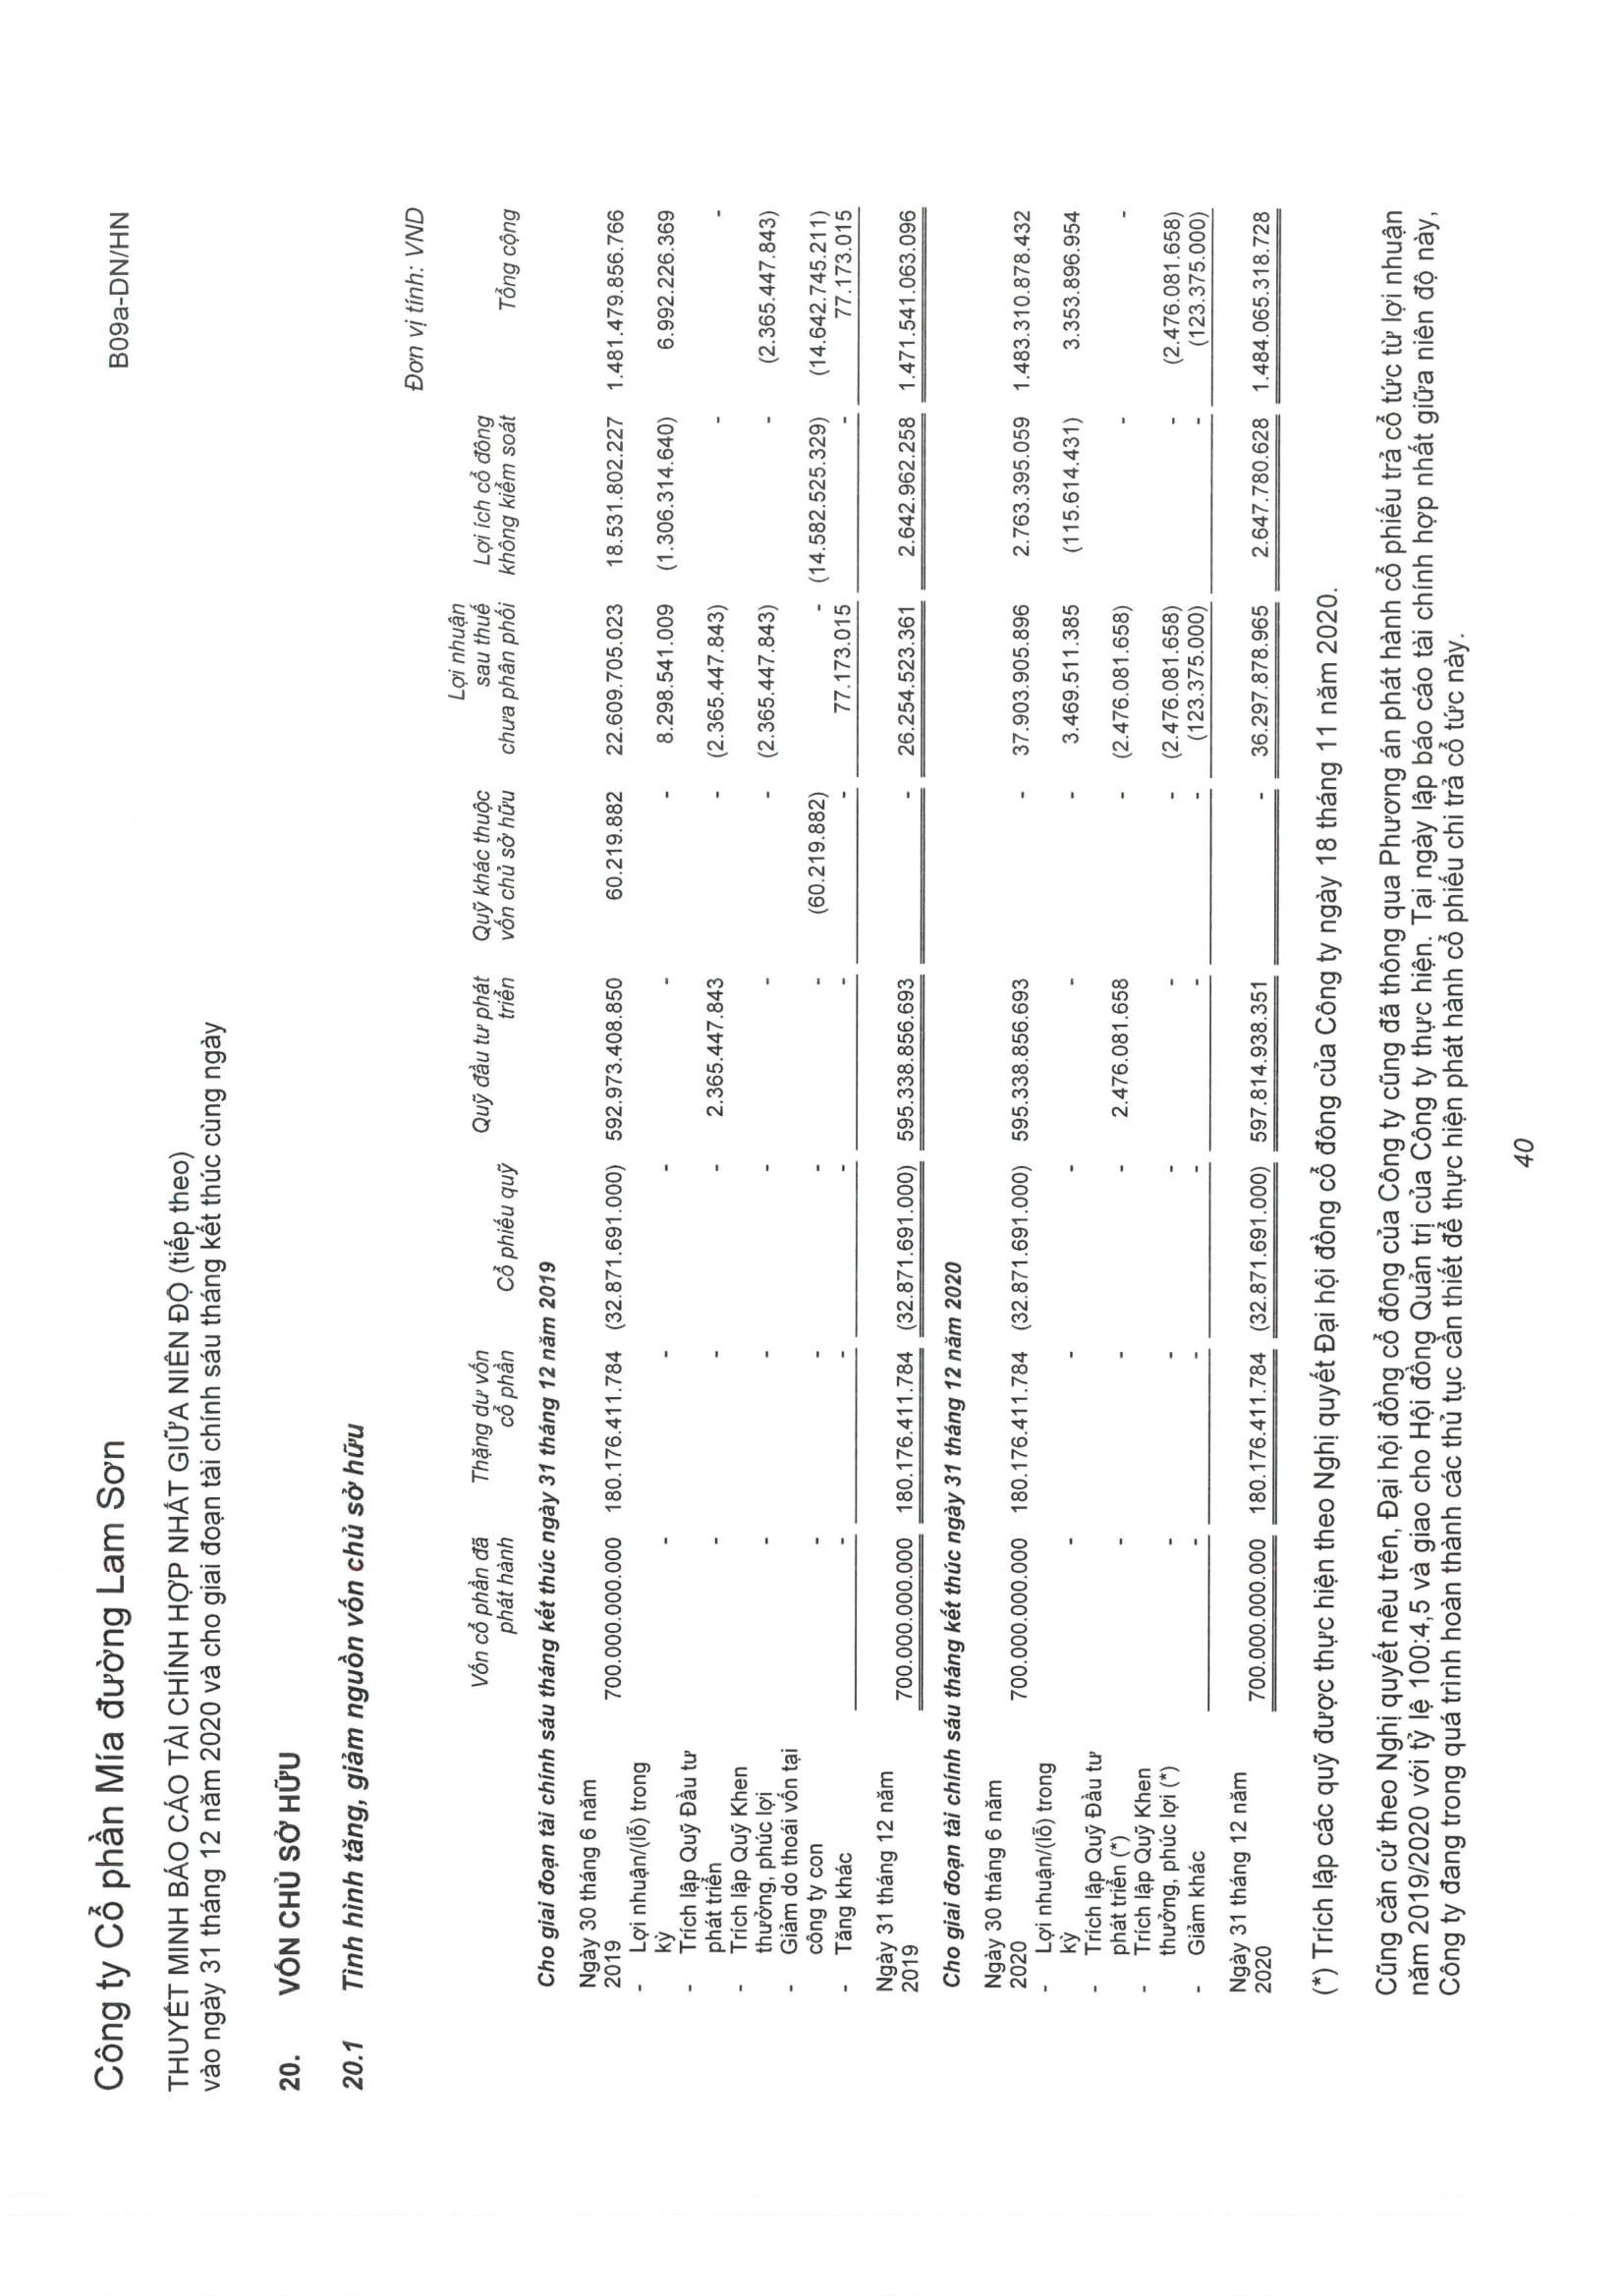 BCTC hợp nhất 31.12.2020-42